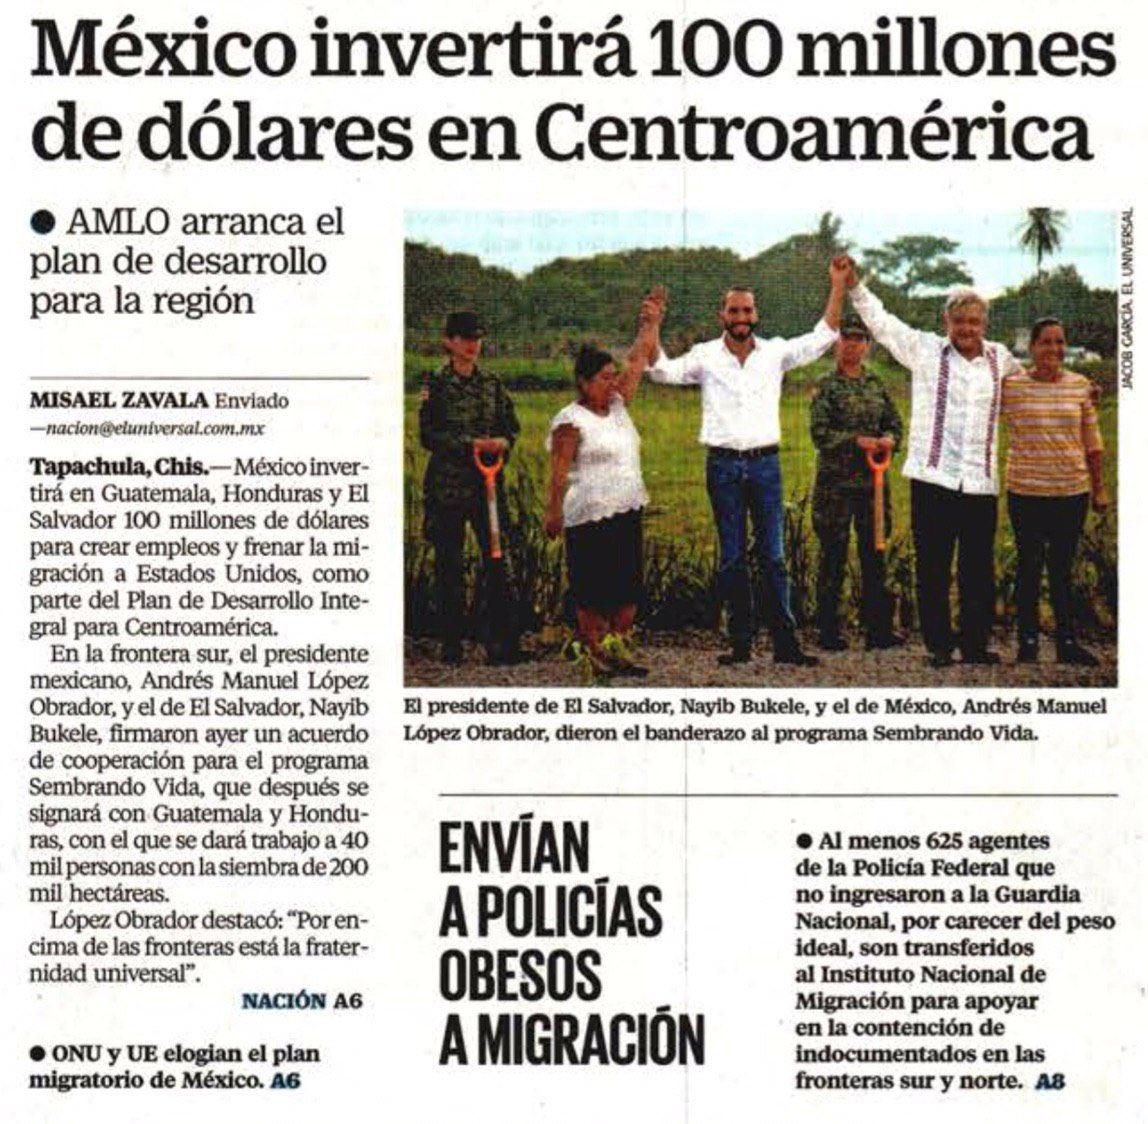 El empleo a la baja y la violencia a la alza, pero @lopezobrador_ regala millones de dólares a países de Centroamérica. Cooperación sí, pero primero atender las urgentes necesidades en México, como la seguridad o la salud.